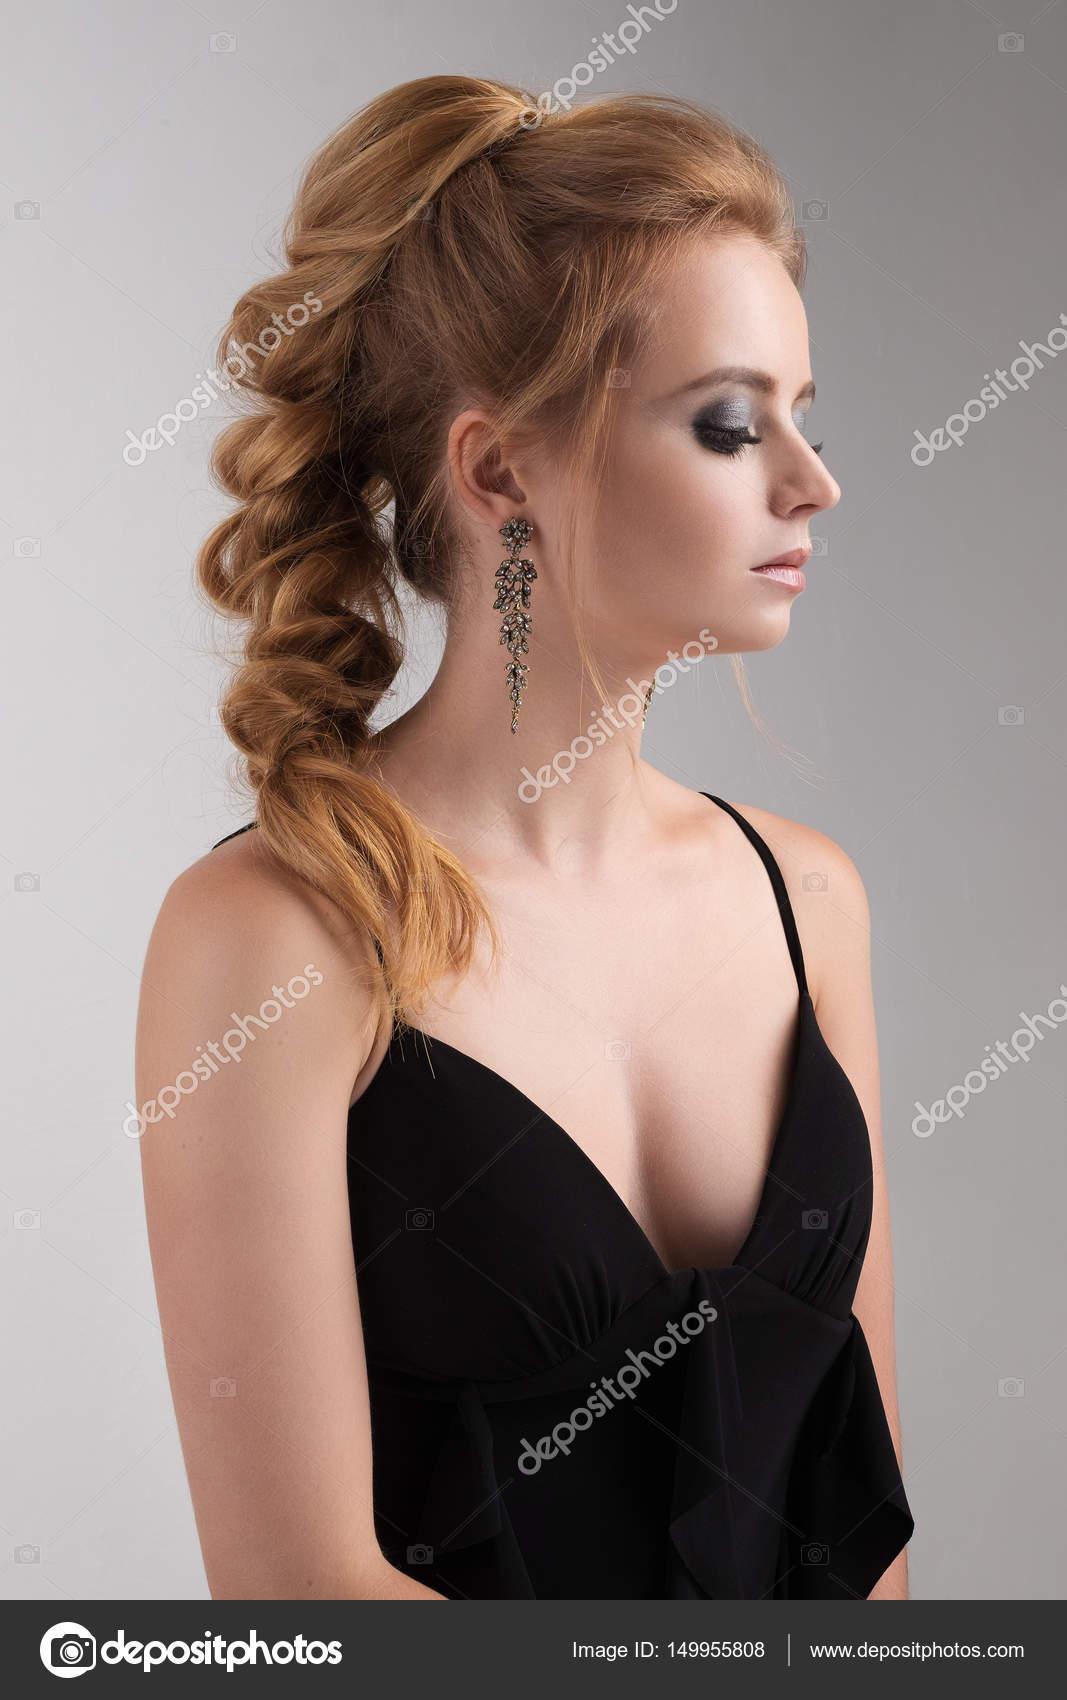 Vestido negro muy escotado